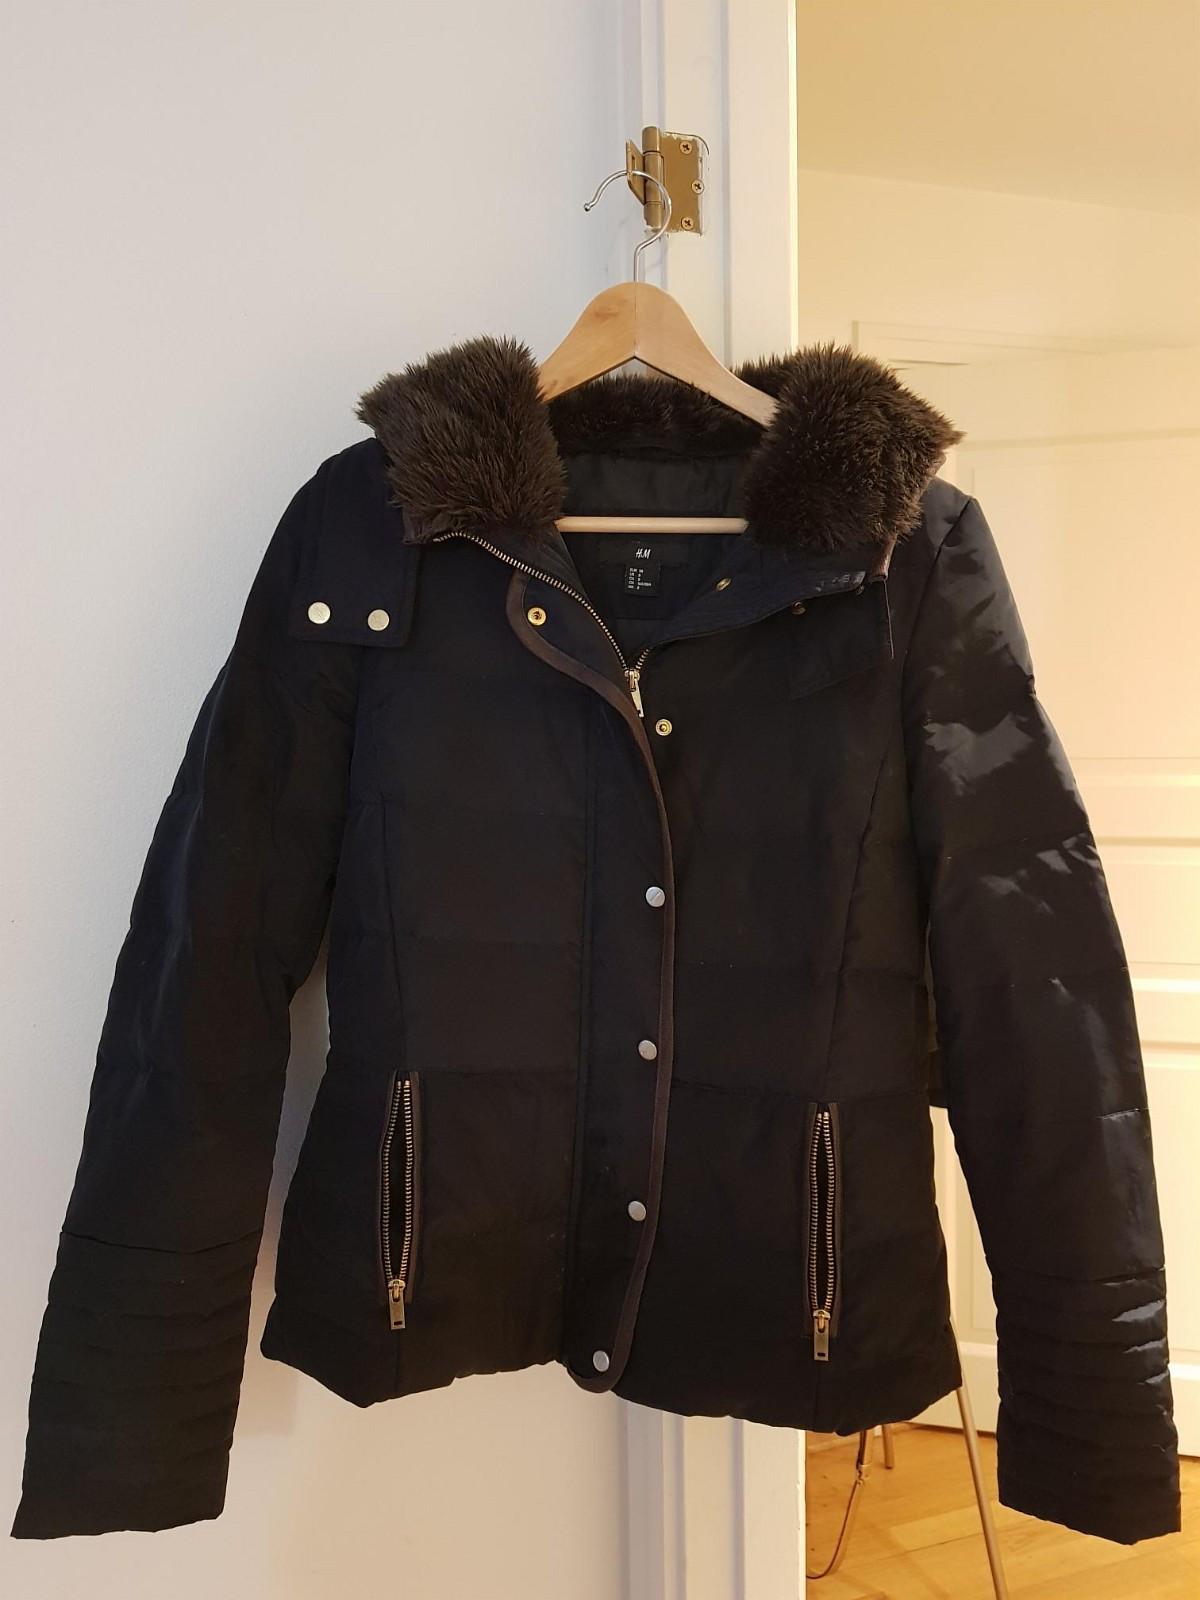 Damejakke selges - Oslo  - Fin jakke selges pga feil størrelse. Perfekt stand og ingen flekker eller slitasje.  Ny renset. - Oslo